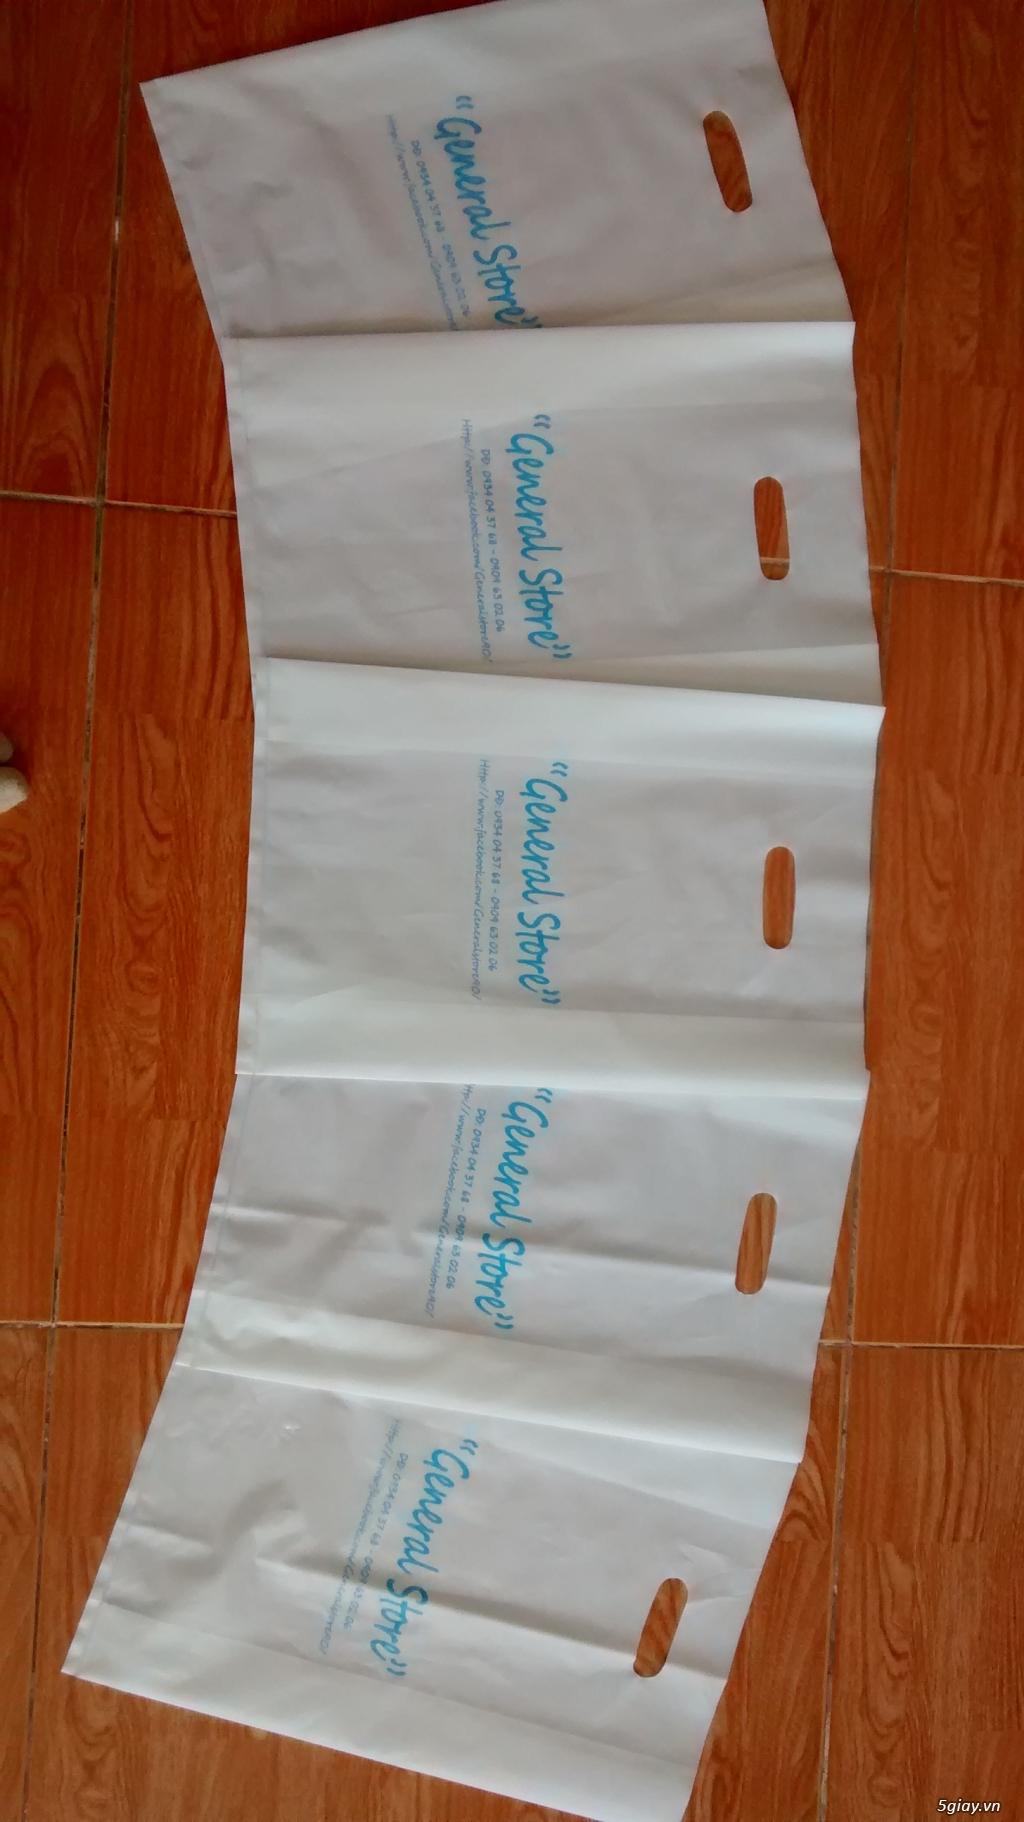 Thiết kế, in, gia công bao bì, túi nhựa trong PVC, túi simily - 11